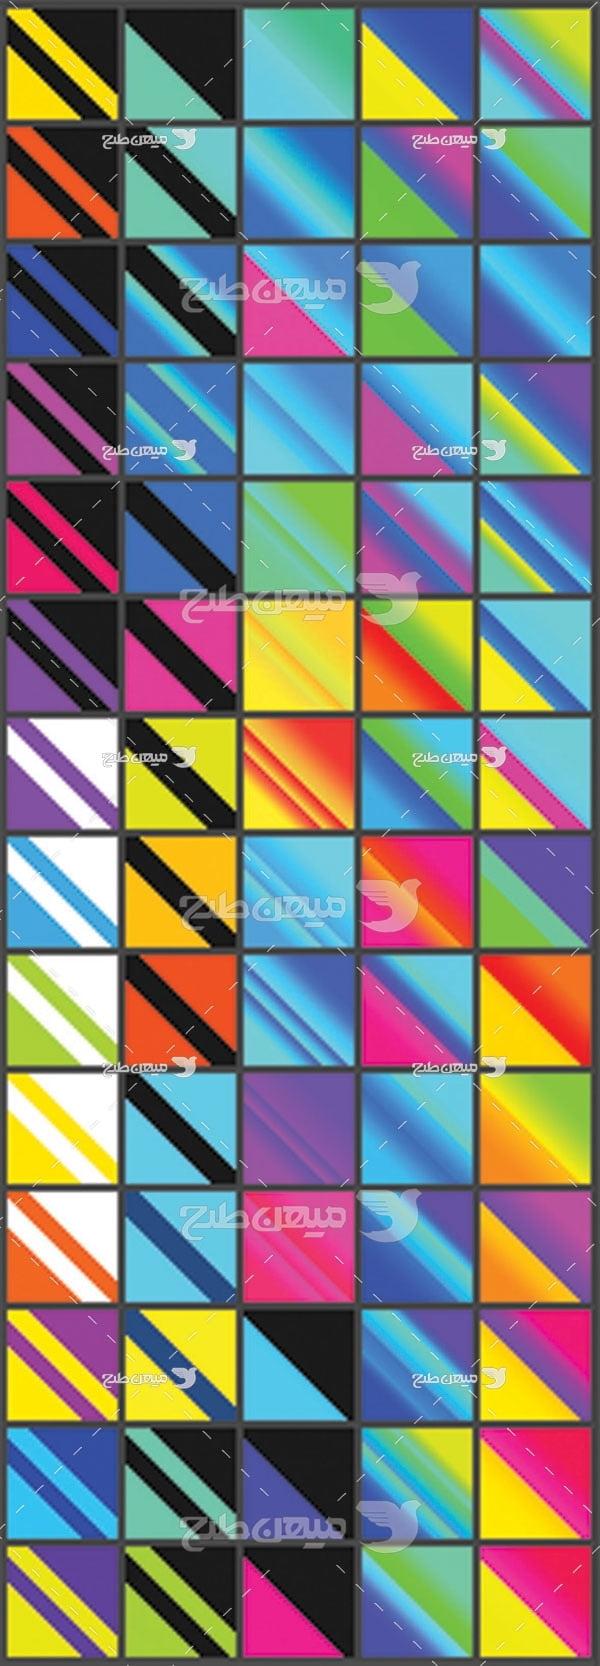 مجموعه ابزارهای فتوشاپ گرادینت هاشور رنگی